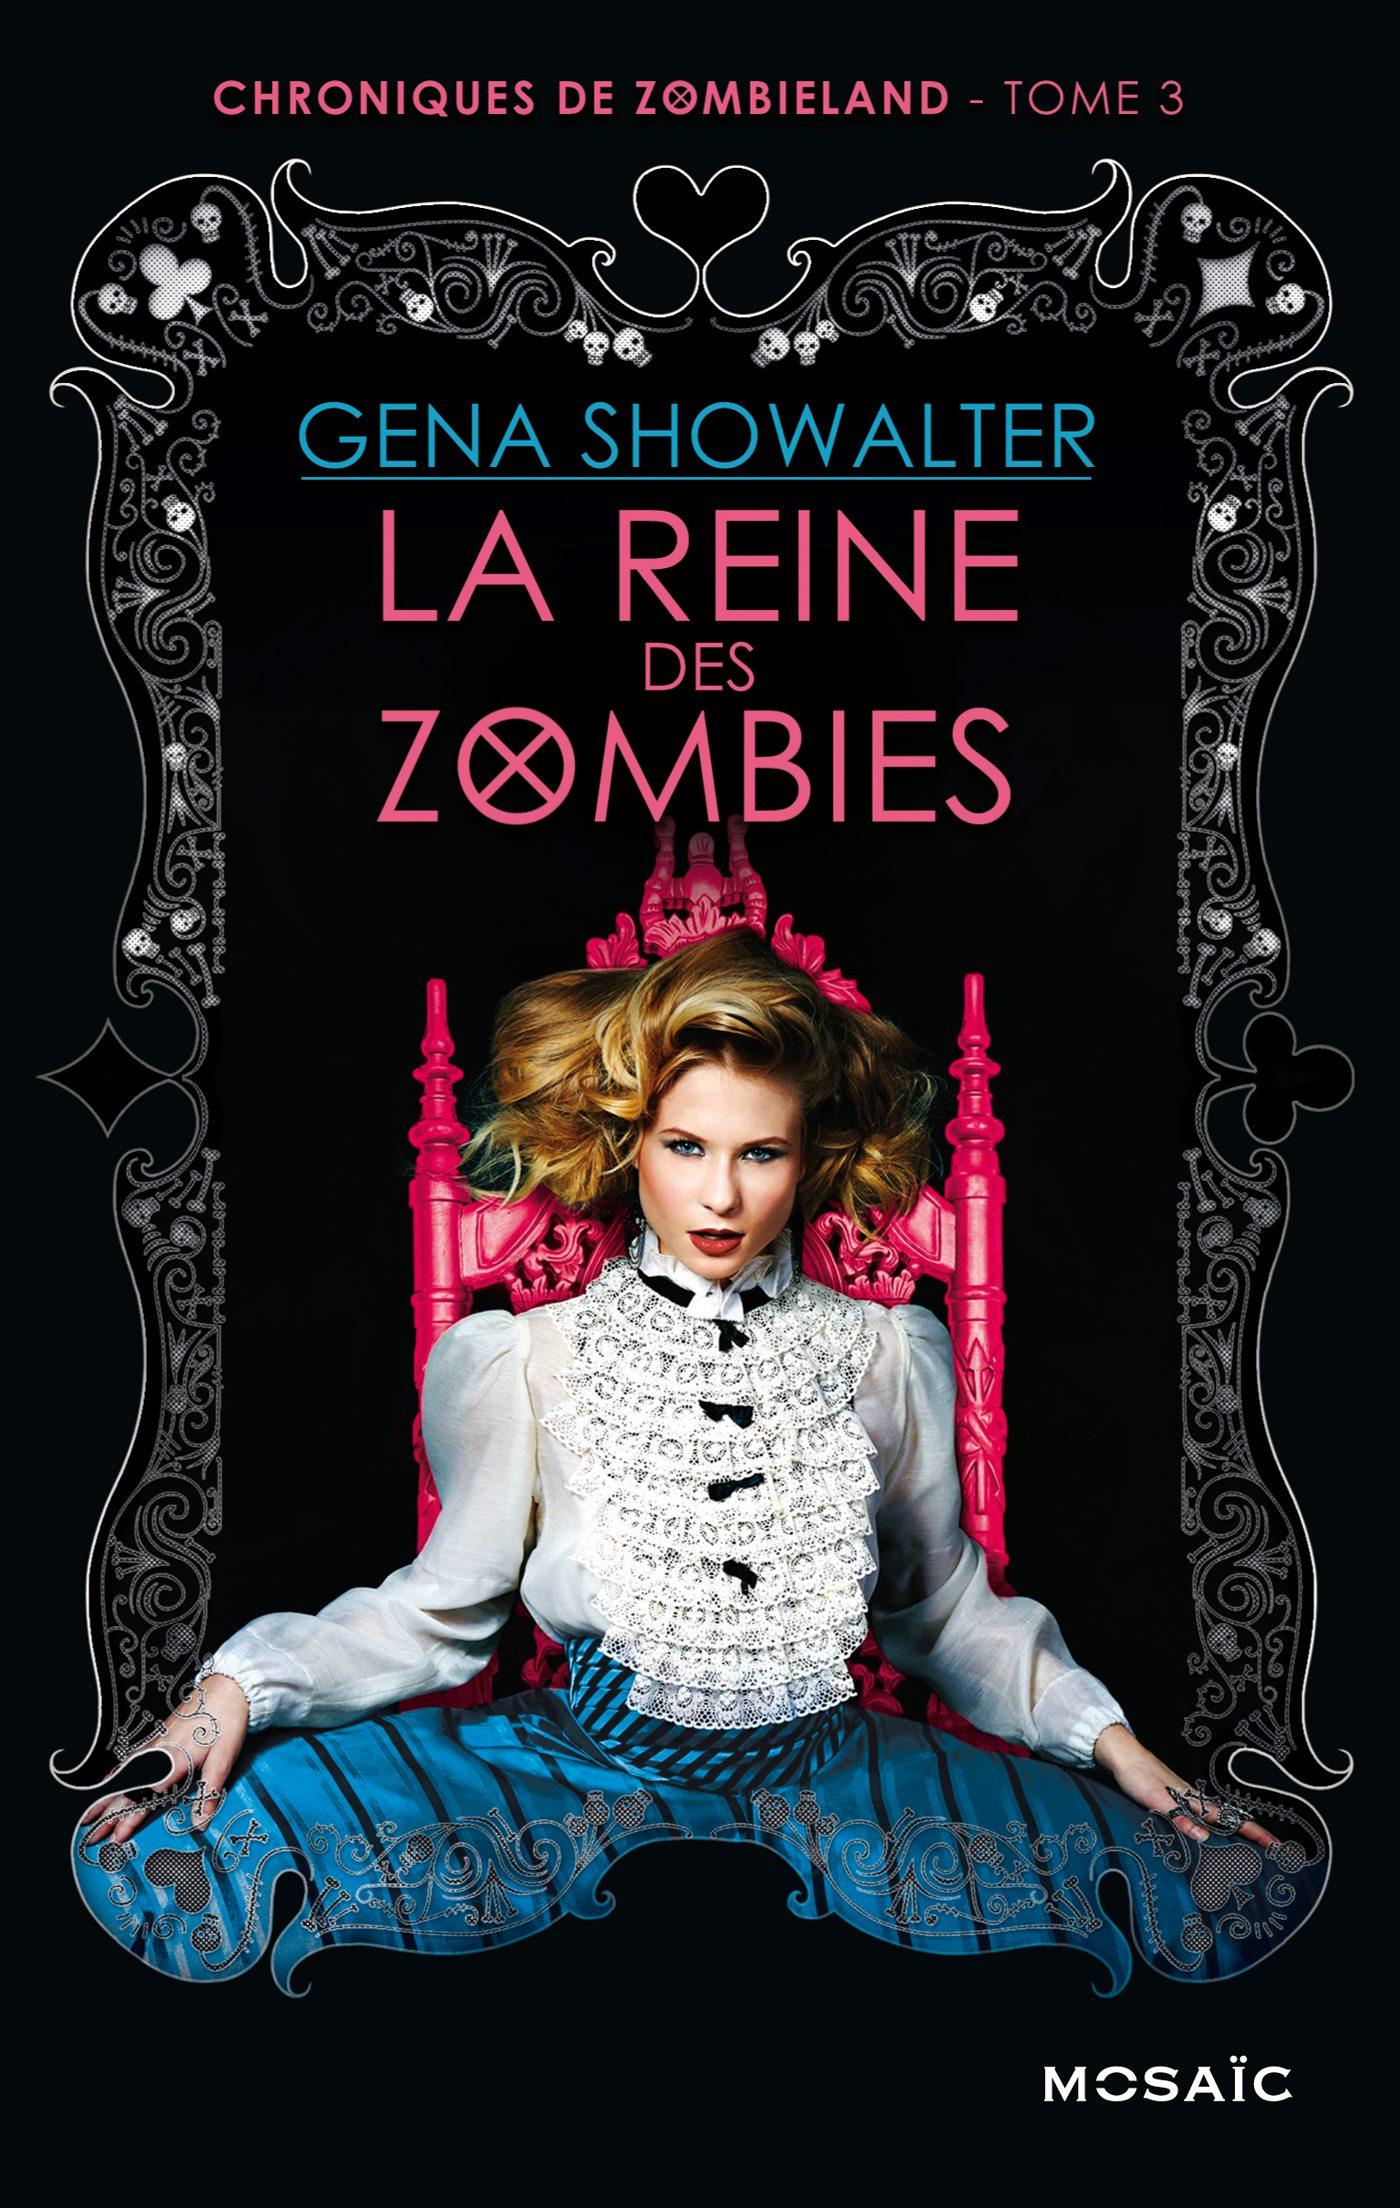 Chronique de Zombieland La Reine des Zombies